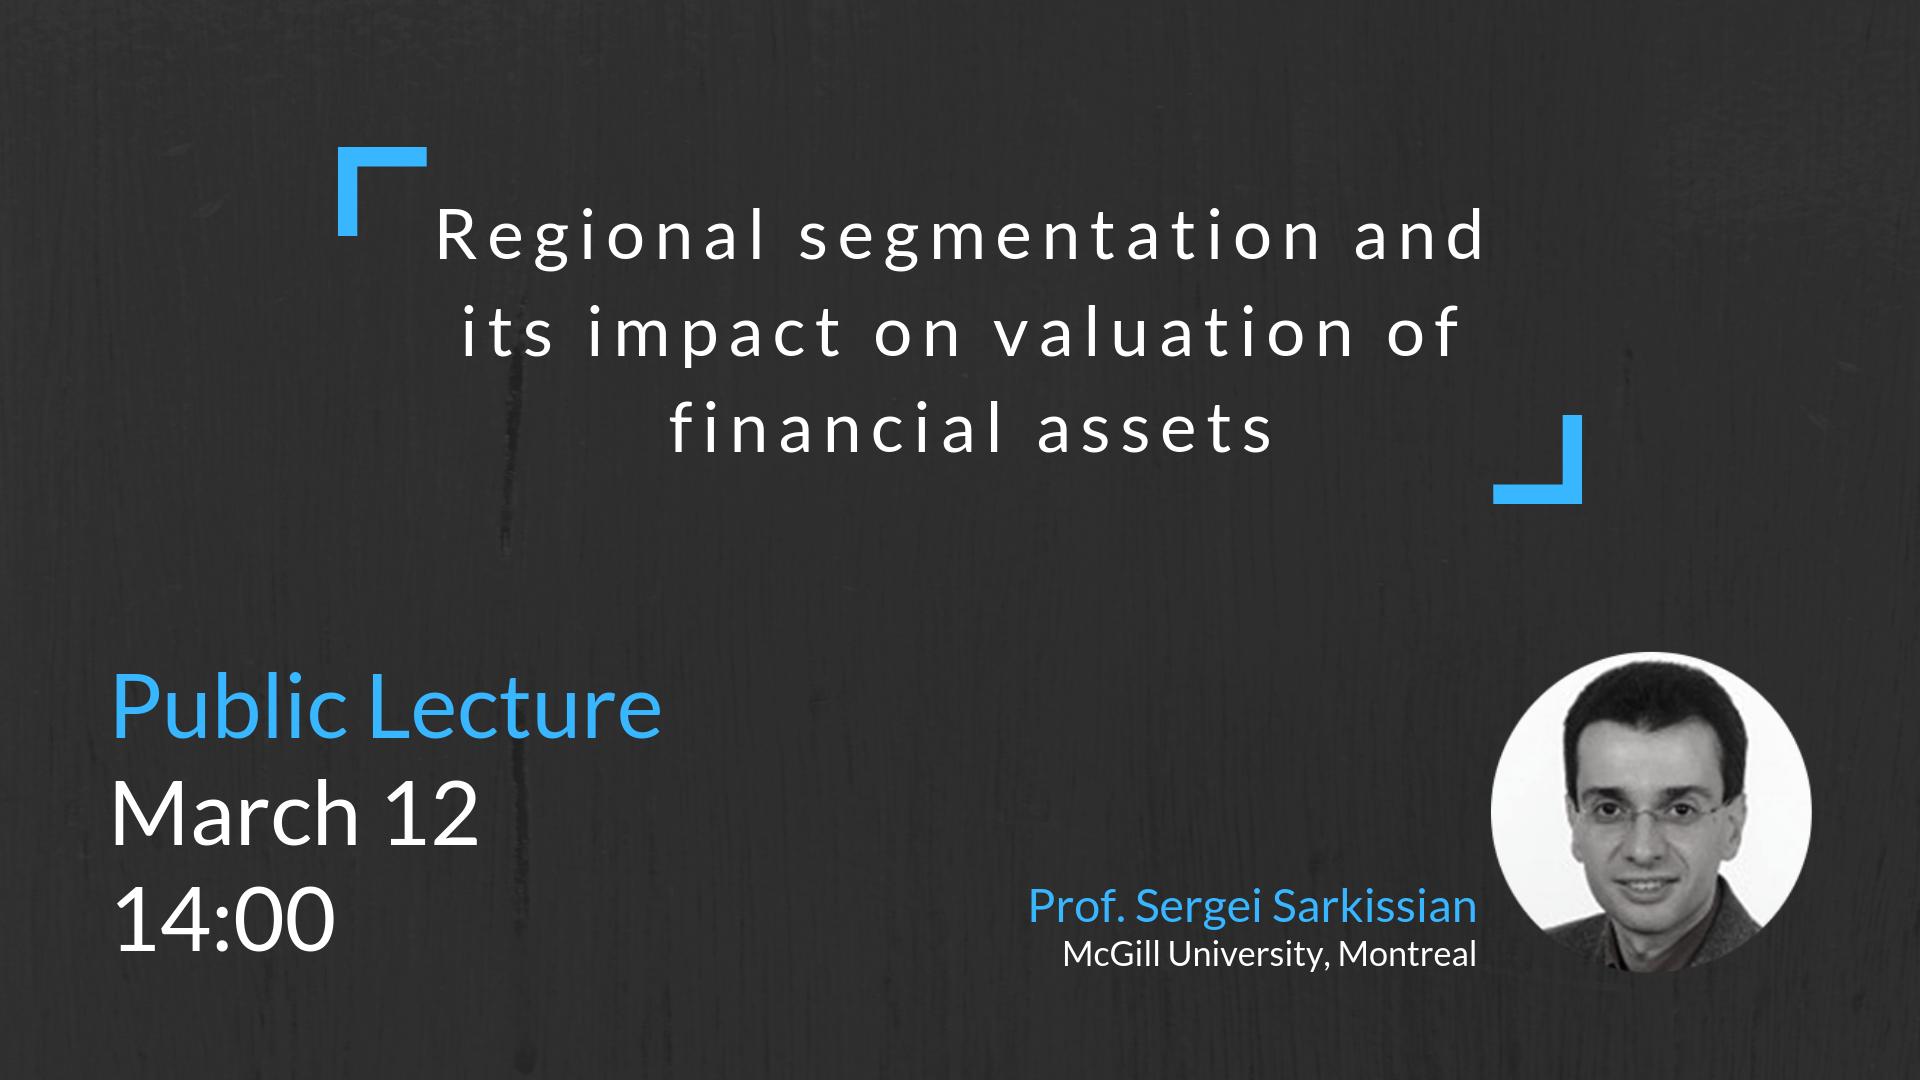 Հանրային դասախոսություն | Տարածաշրջանային սեգմենտացիան և դրա ազդեցությունը ֆինանսական ակտիվների գնահատման վրա